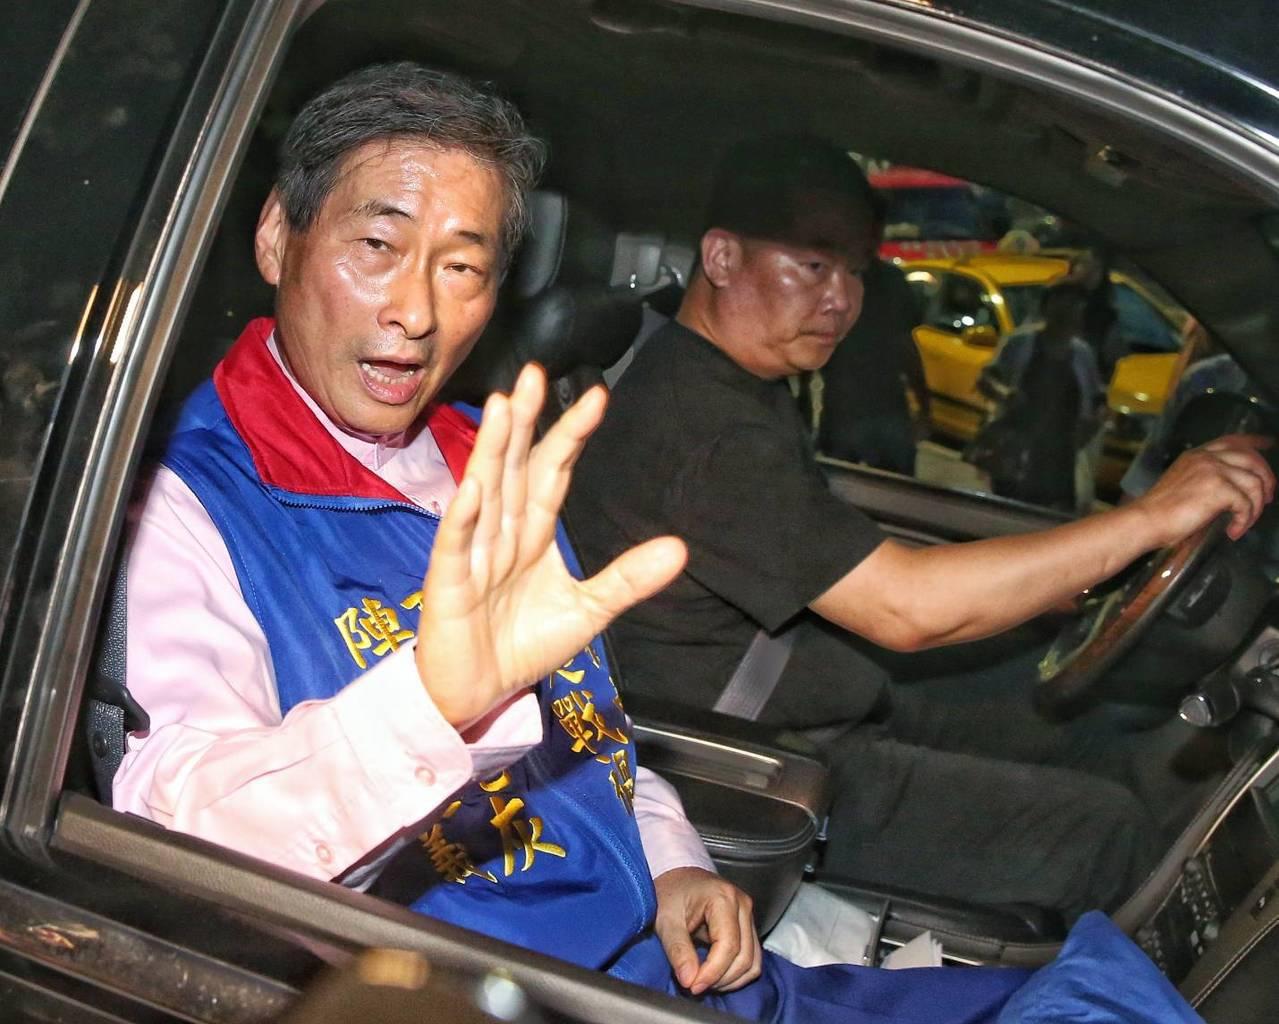 中華統一促進黨總裁張安樂訊後獲請回。記者鄭清元/攝影。